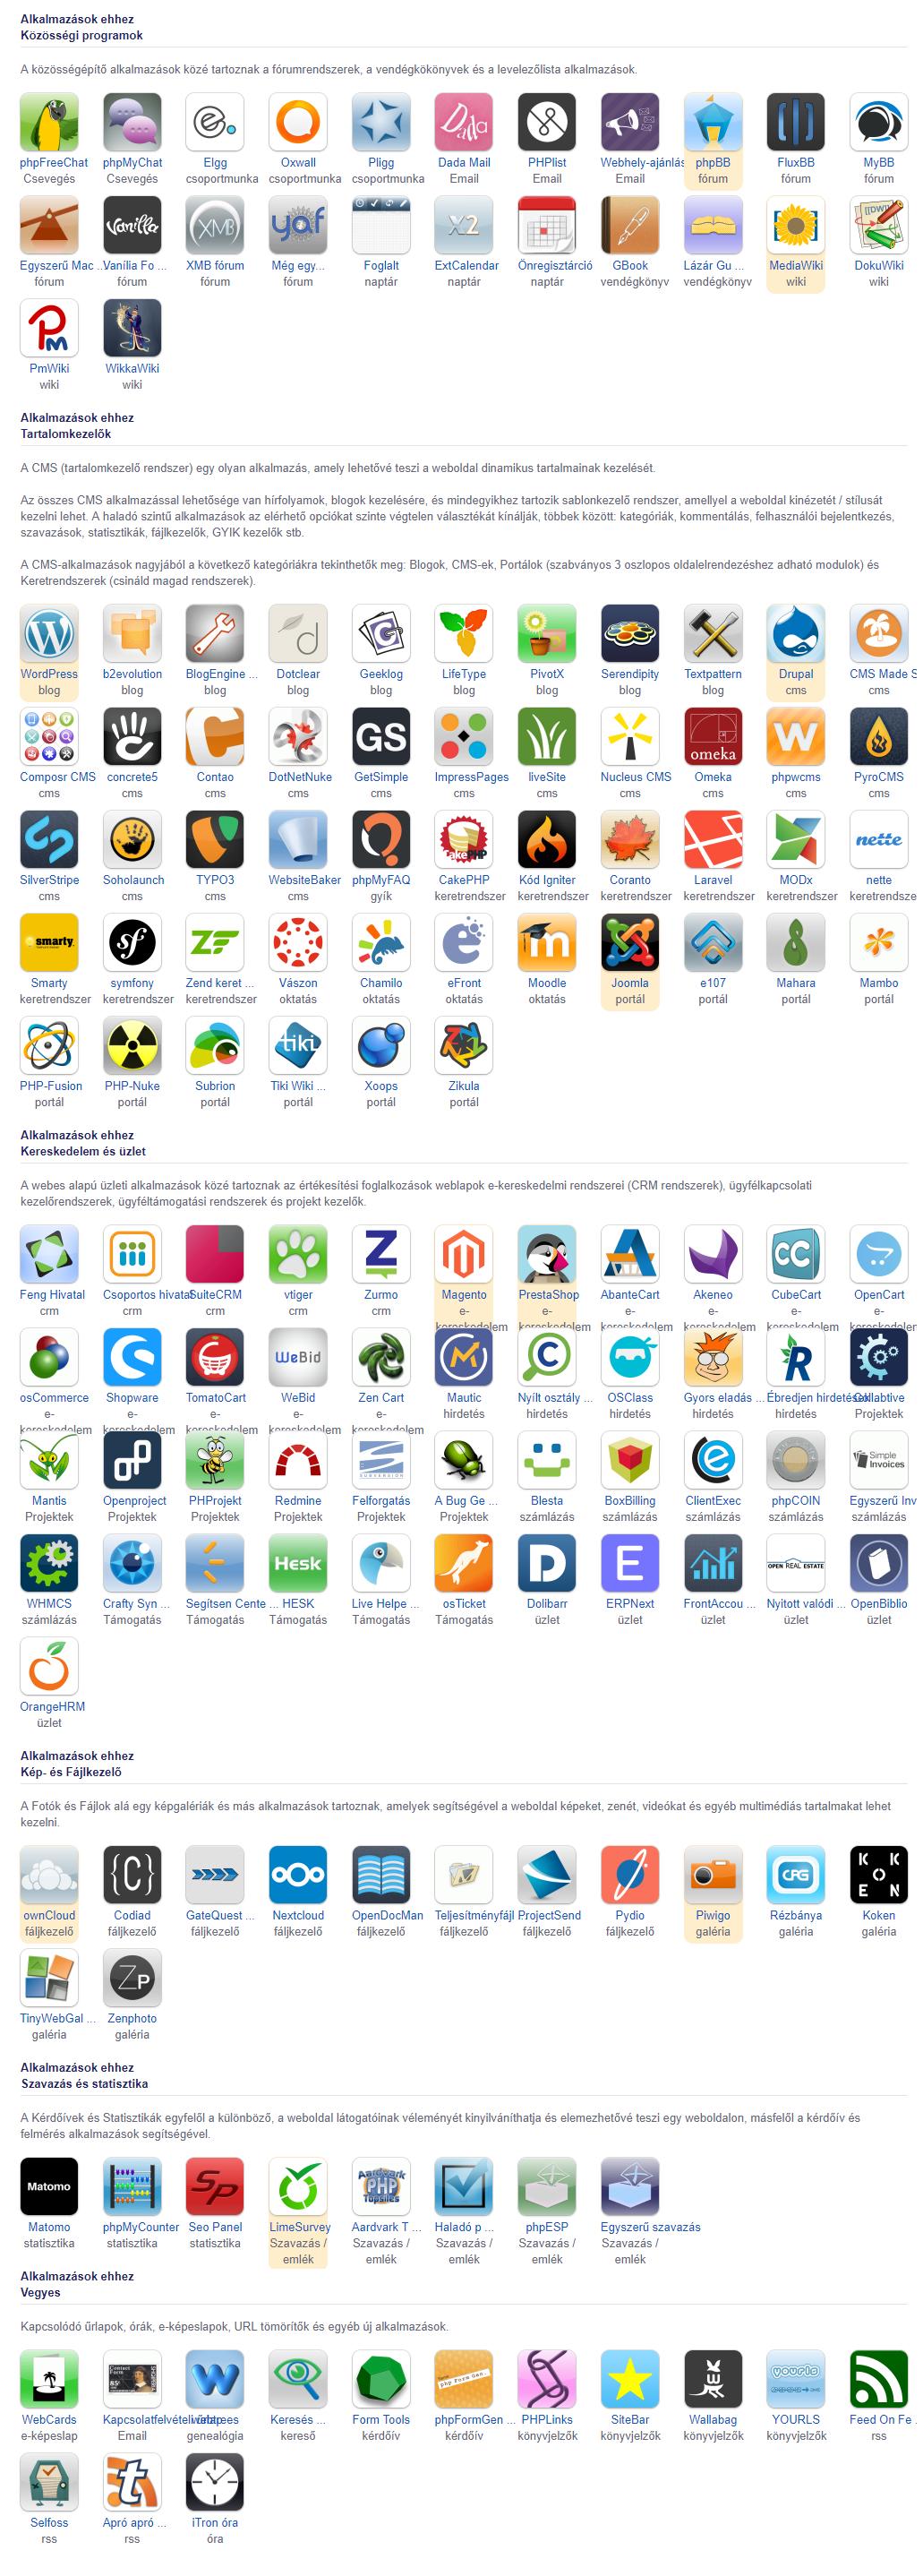 3ddd42a304 legnépszerűbbek: Prestashop, Magento, osCommerce, opencart, Zen Cart,